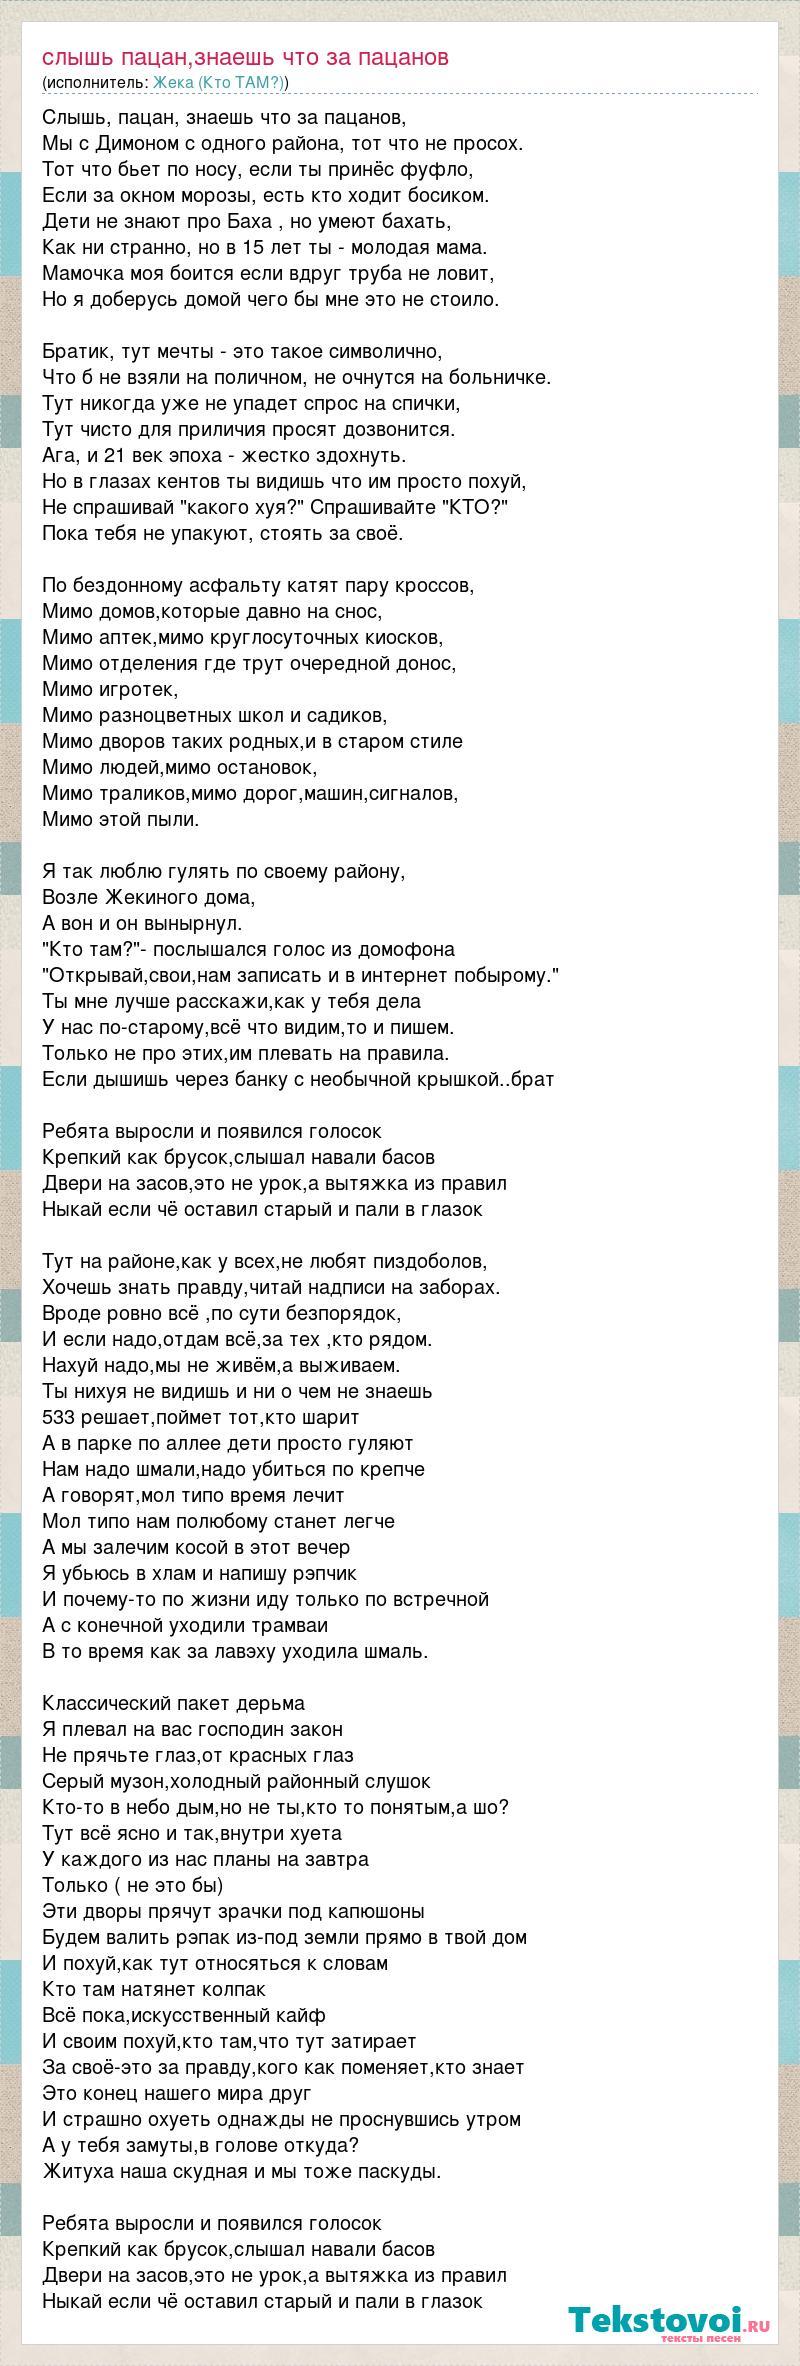 Степные дети / серии: 1-4 из 4 (дмитрий черкасов) [2012, драма.